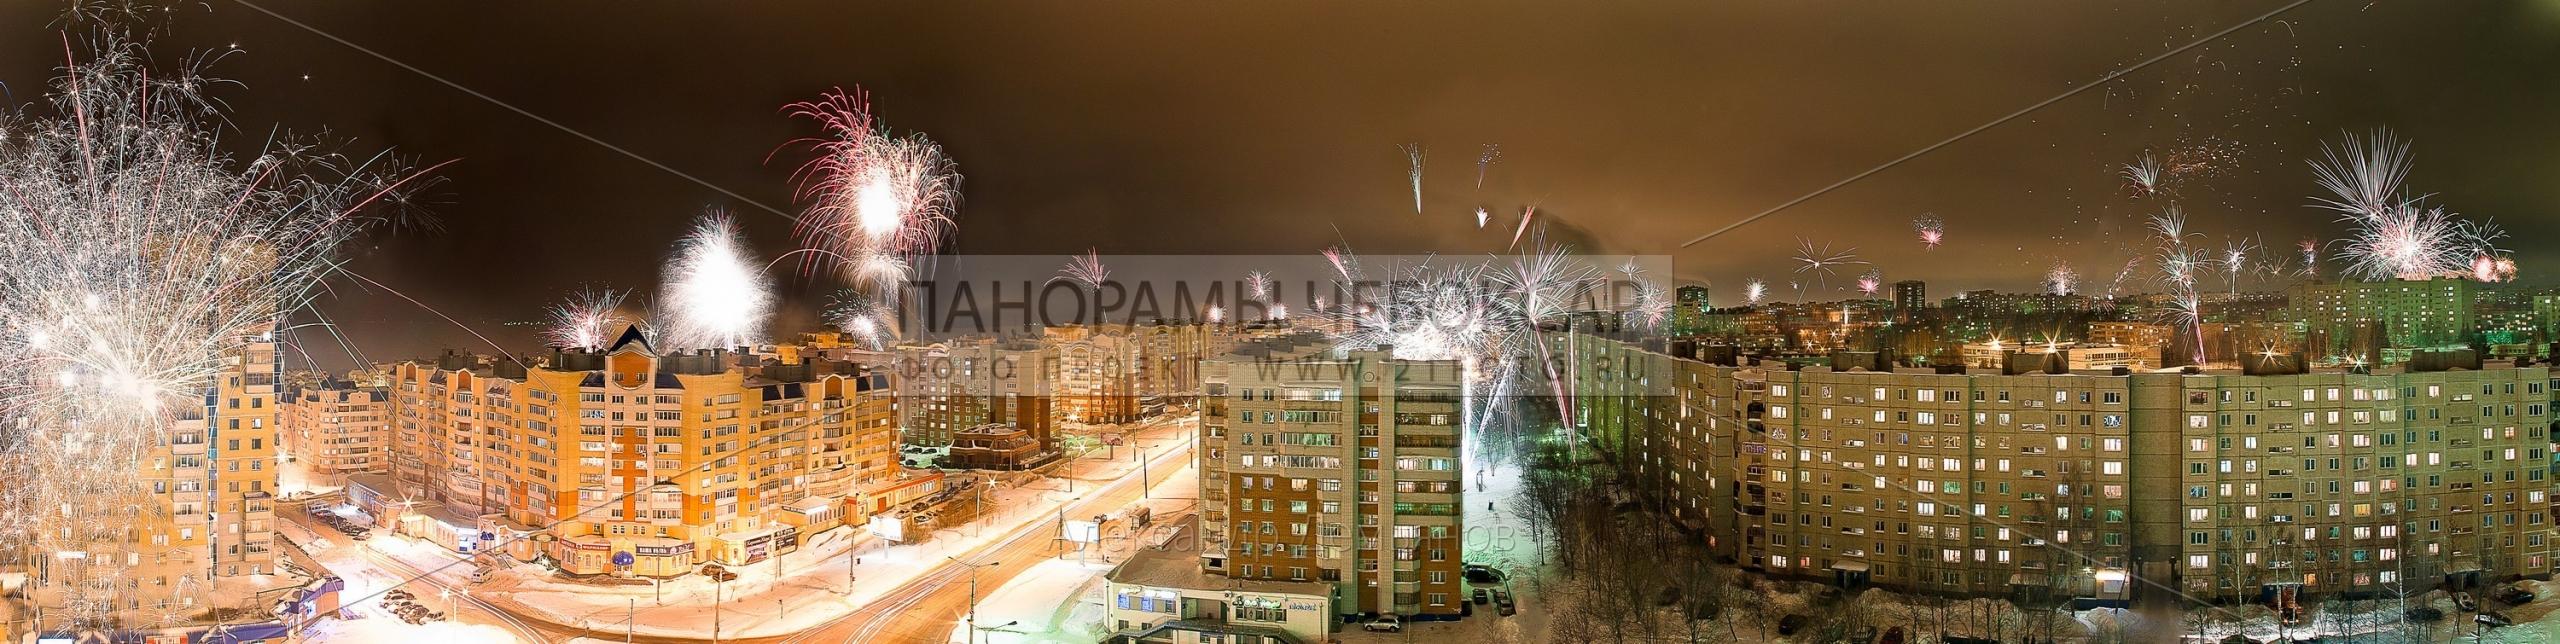 Фото-панорама новогодних фейерверков в Чебоксарах